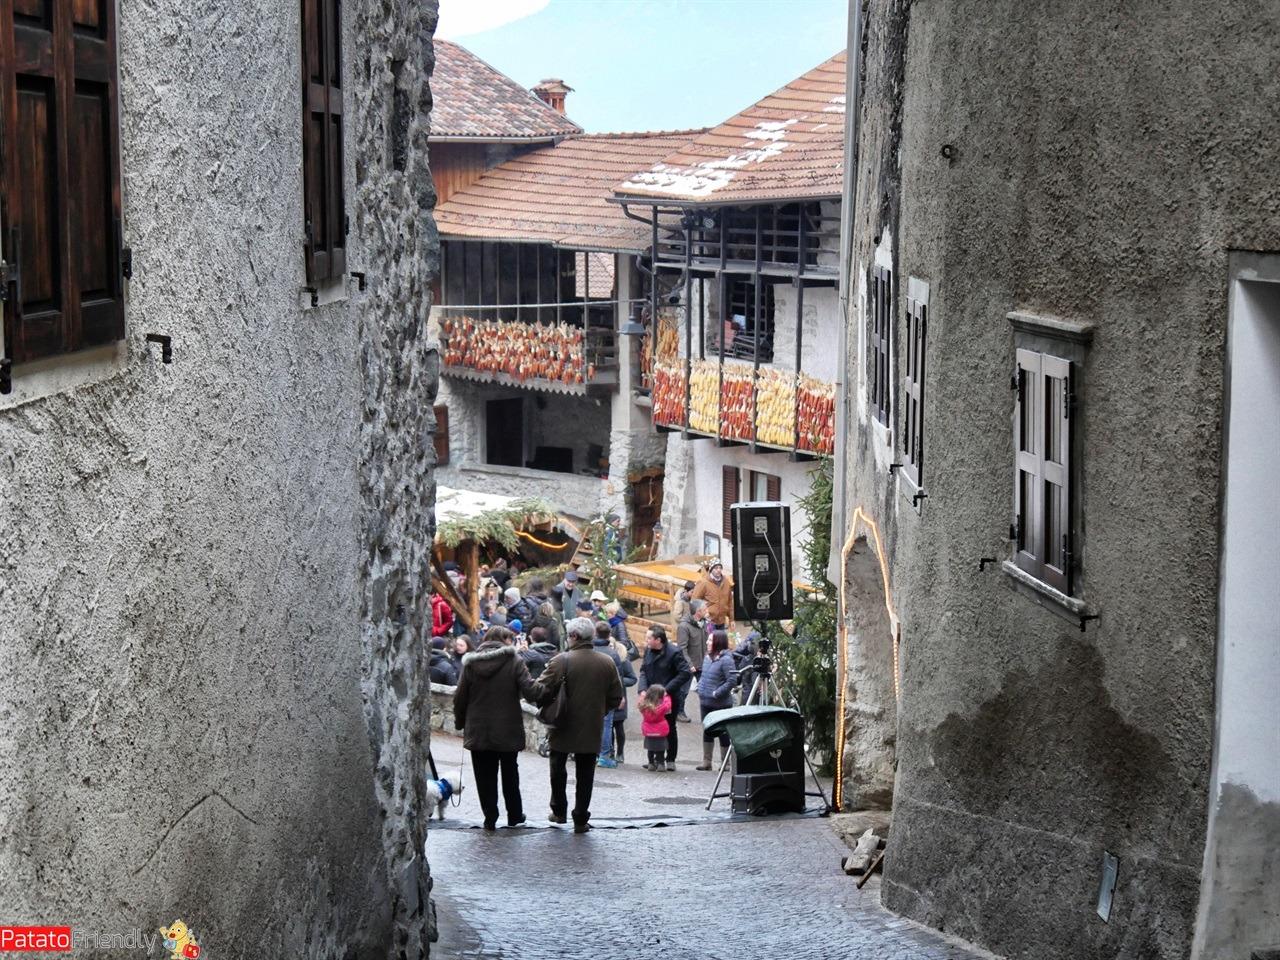 [cml_media_alt id='15827']Natale in Trentino: Mercatini di Rango di Bleggio Superiore [/cml_media_alt]